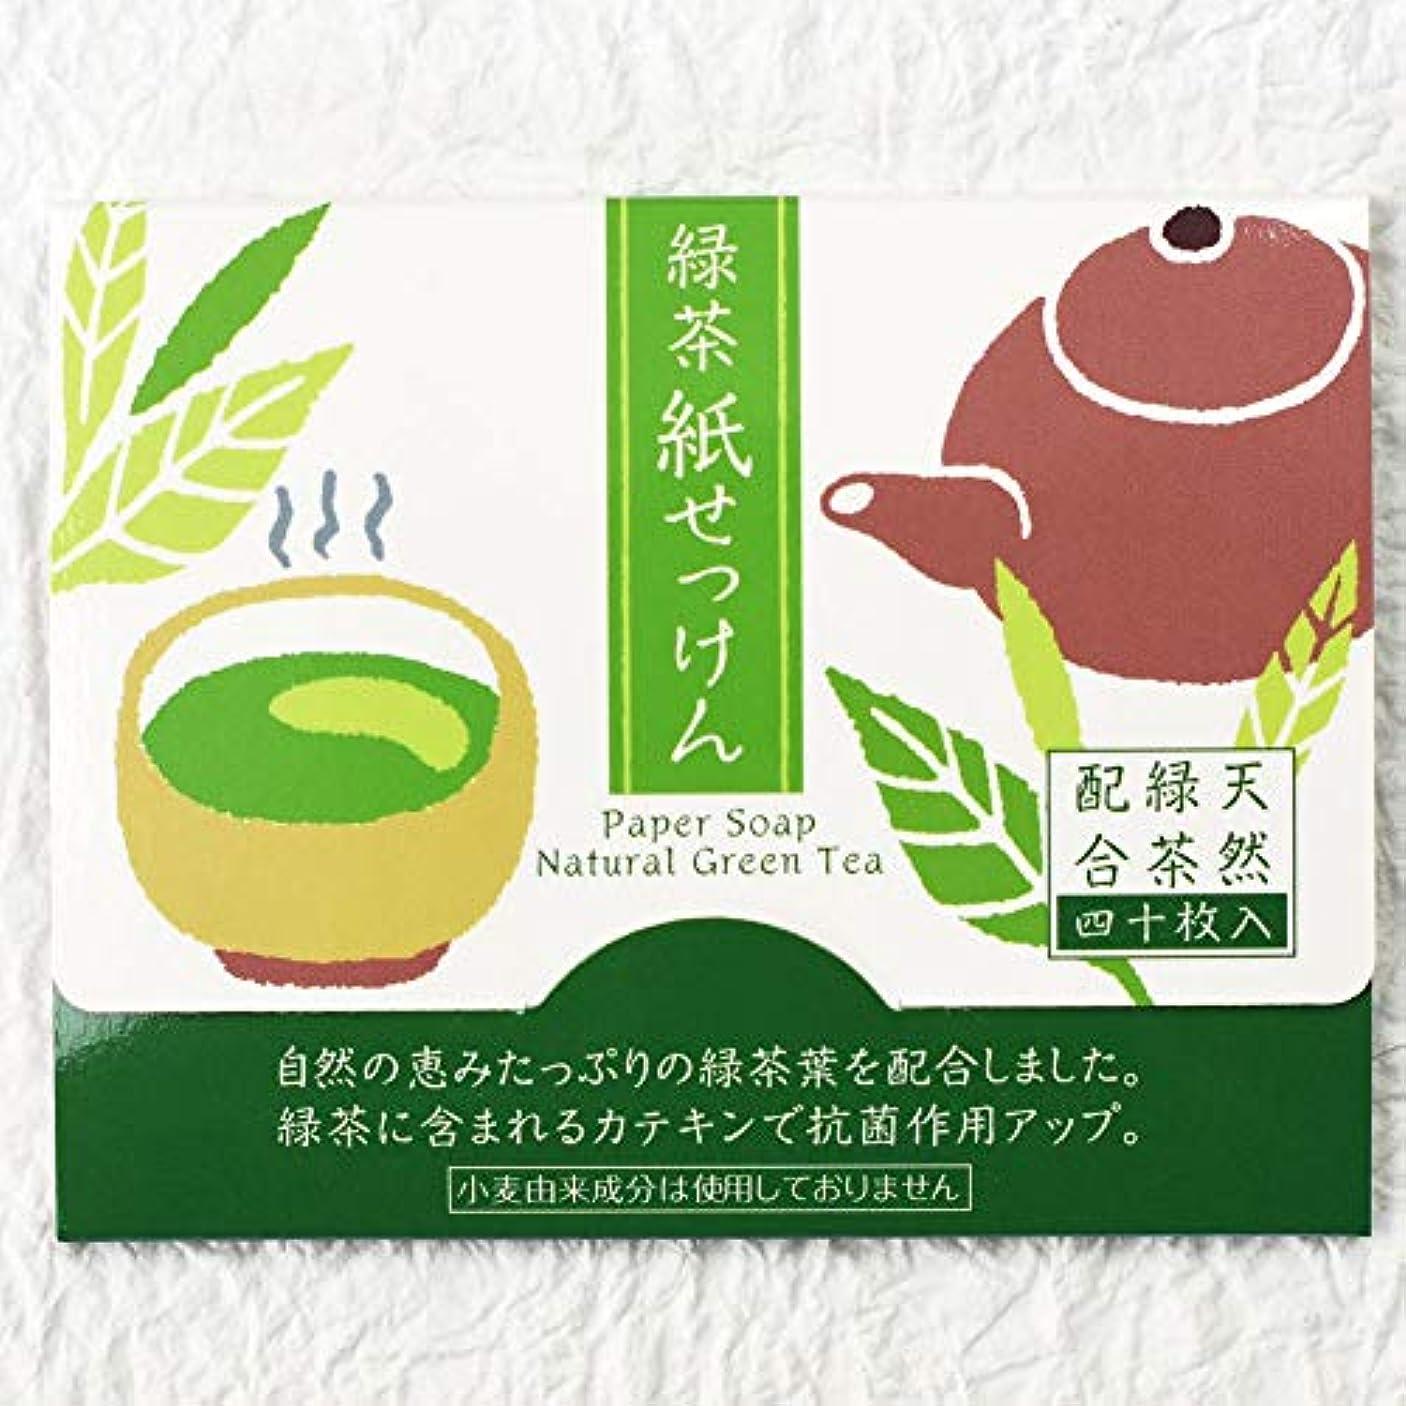 配偶者モーテル育成表現社 紙せっけん 天然緑茶配合 22-289